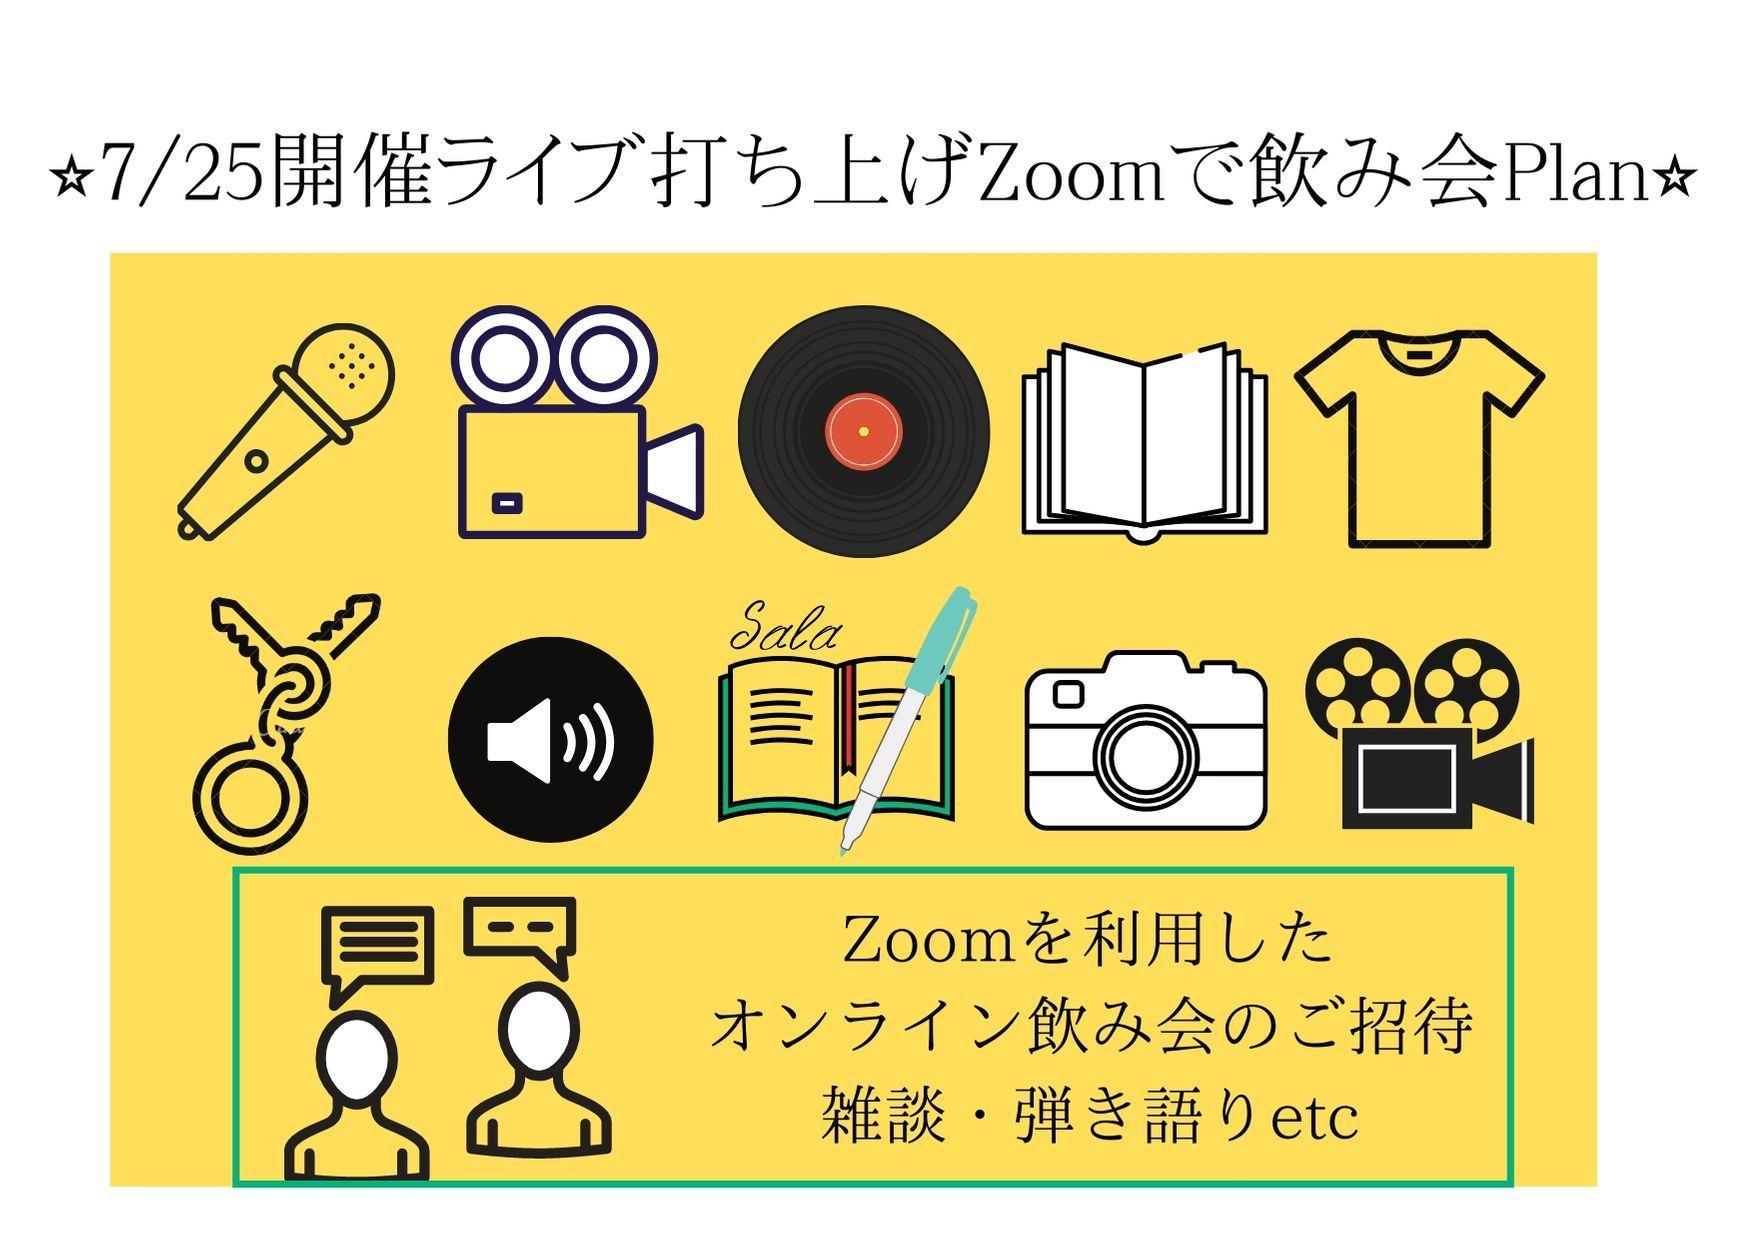 <【7月25日(土)開催】ライブお疲れ様&打ち上げZoomで飲み会 プラン> 限定4名